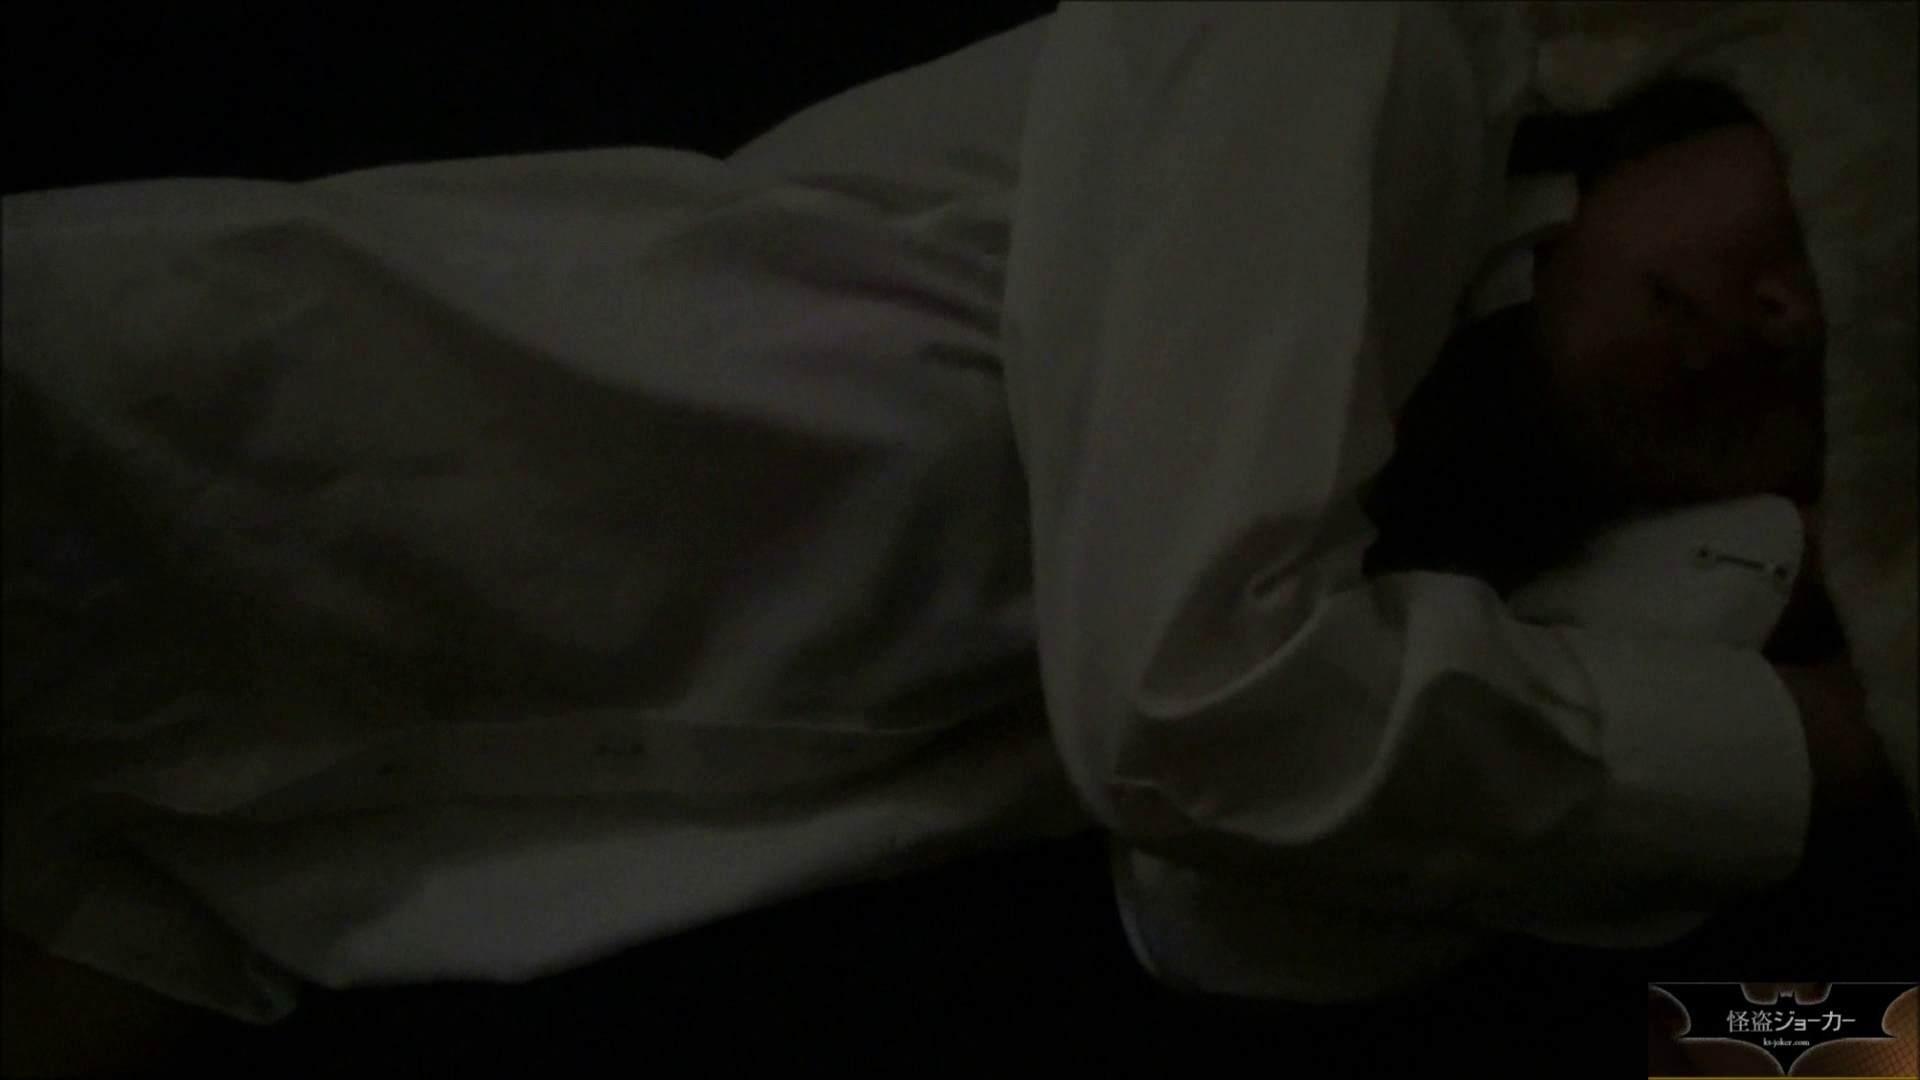 【未公開】vol.22 ●貴の部屋でおやすみなさい。 いじくり スケベ動画紹介 63画像 28